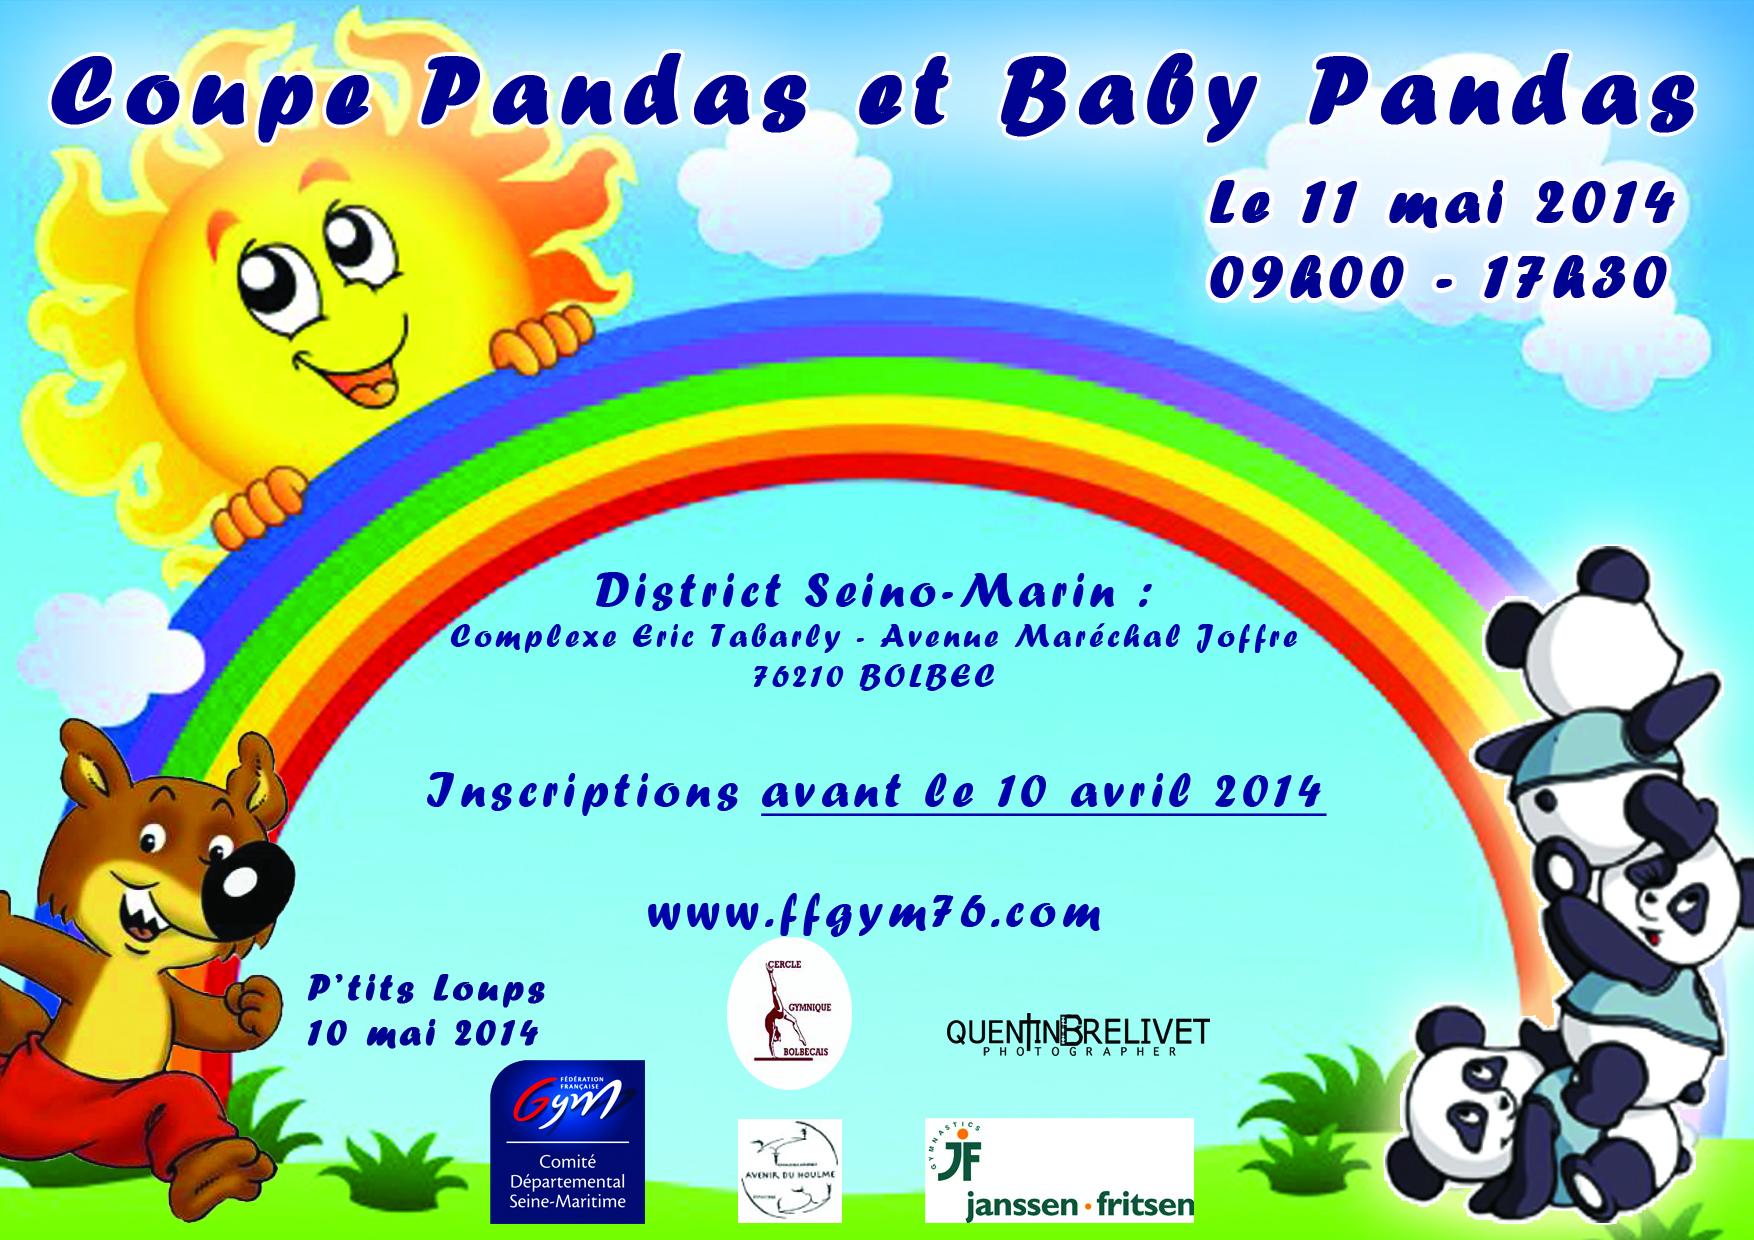 Coupe panda babys pandas et p tits loups